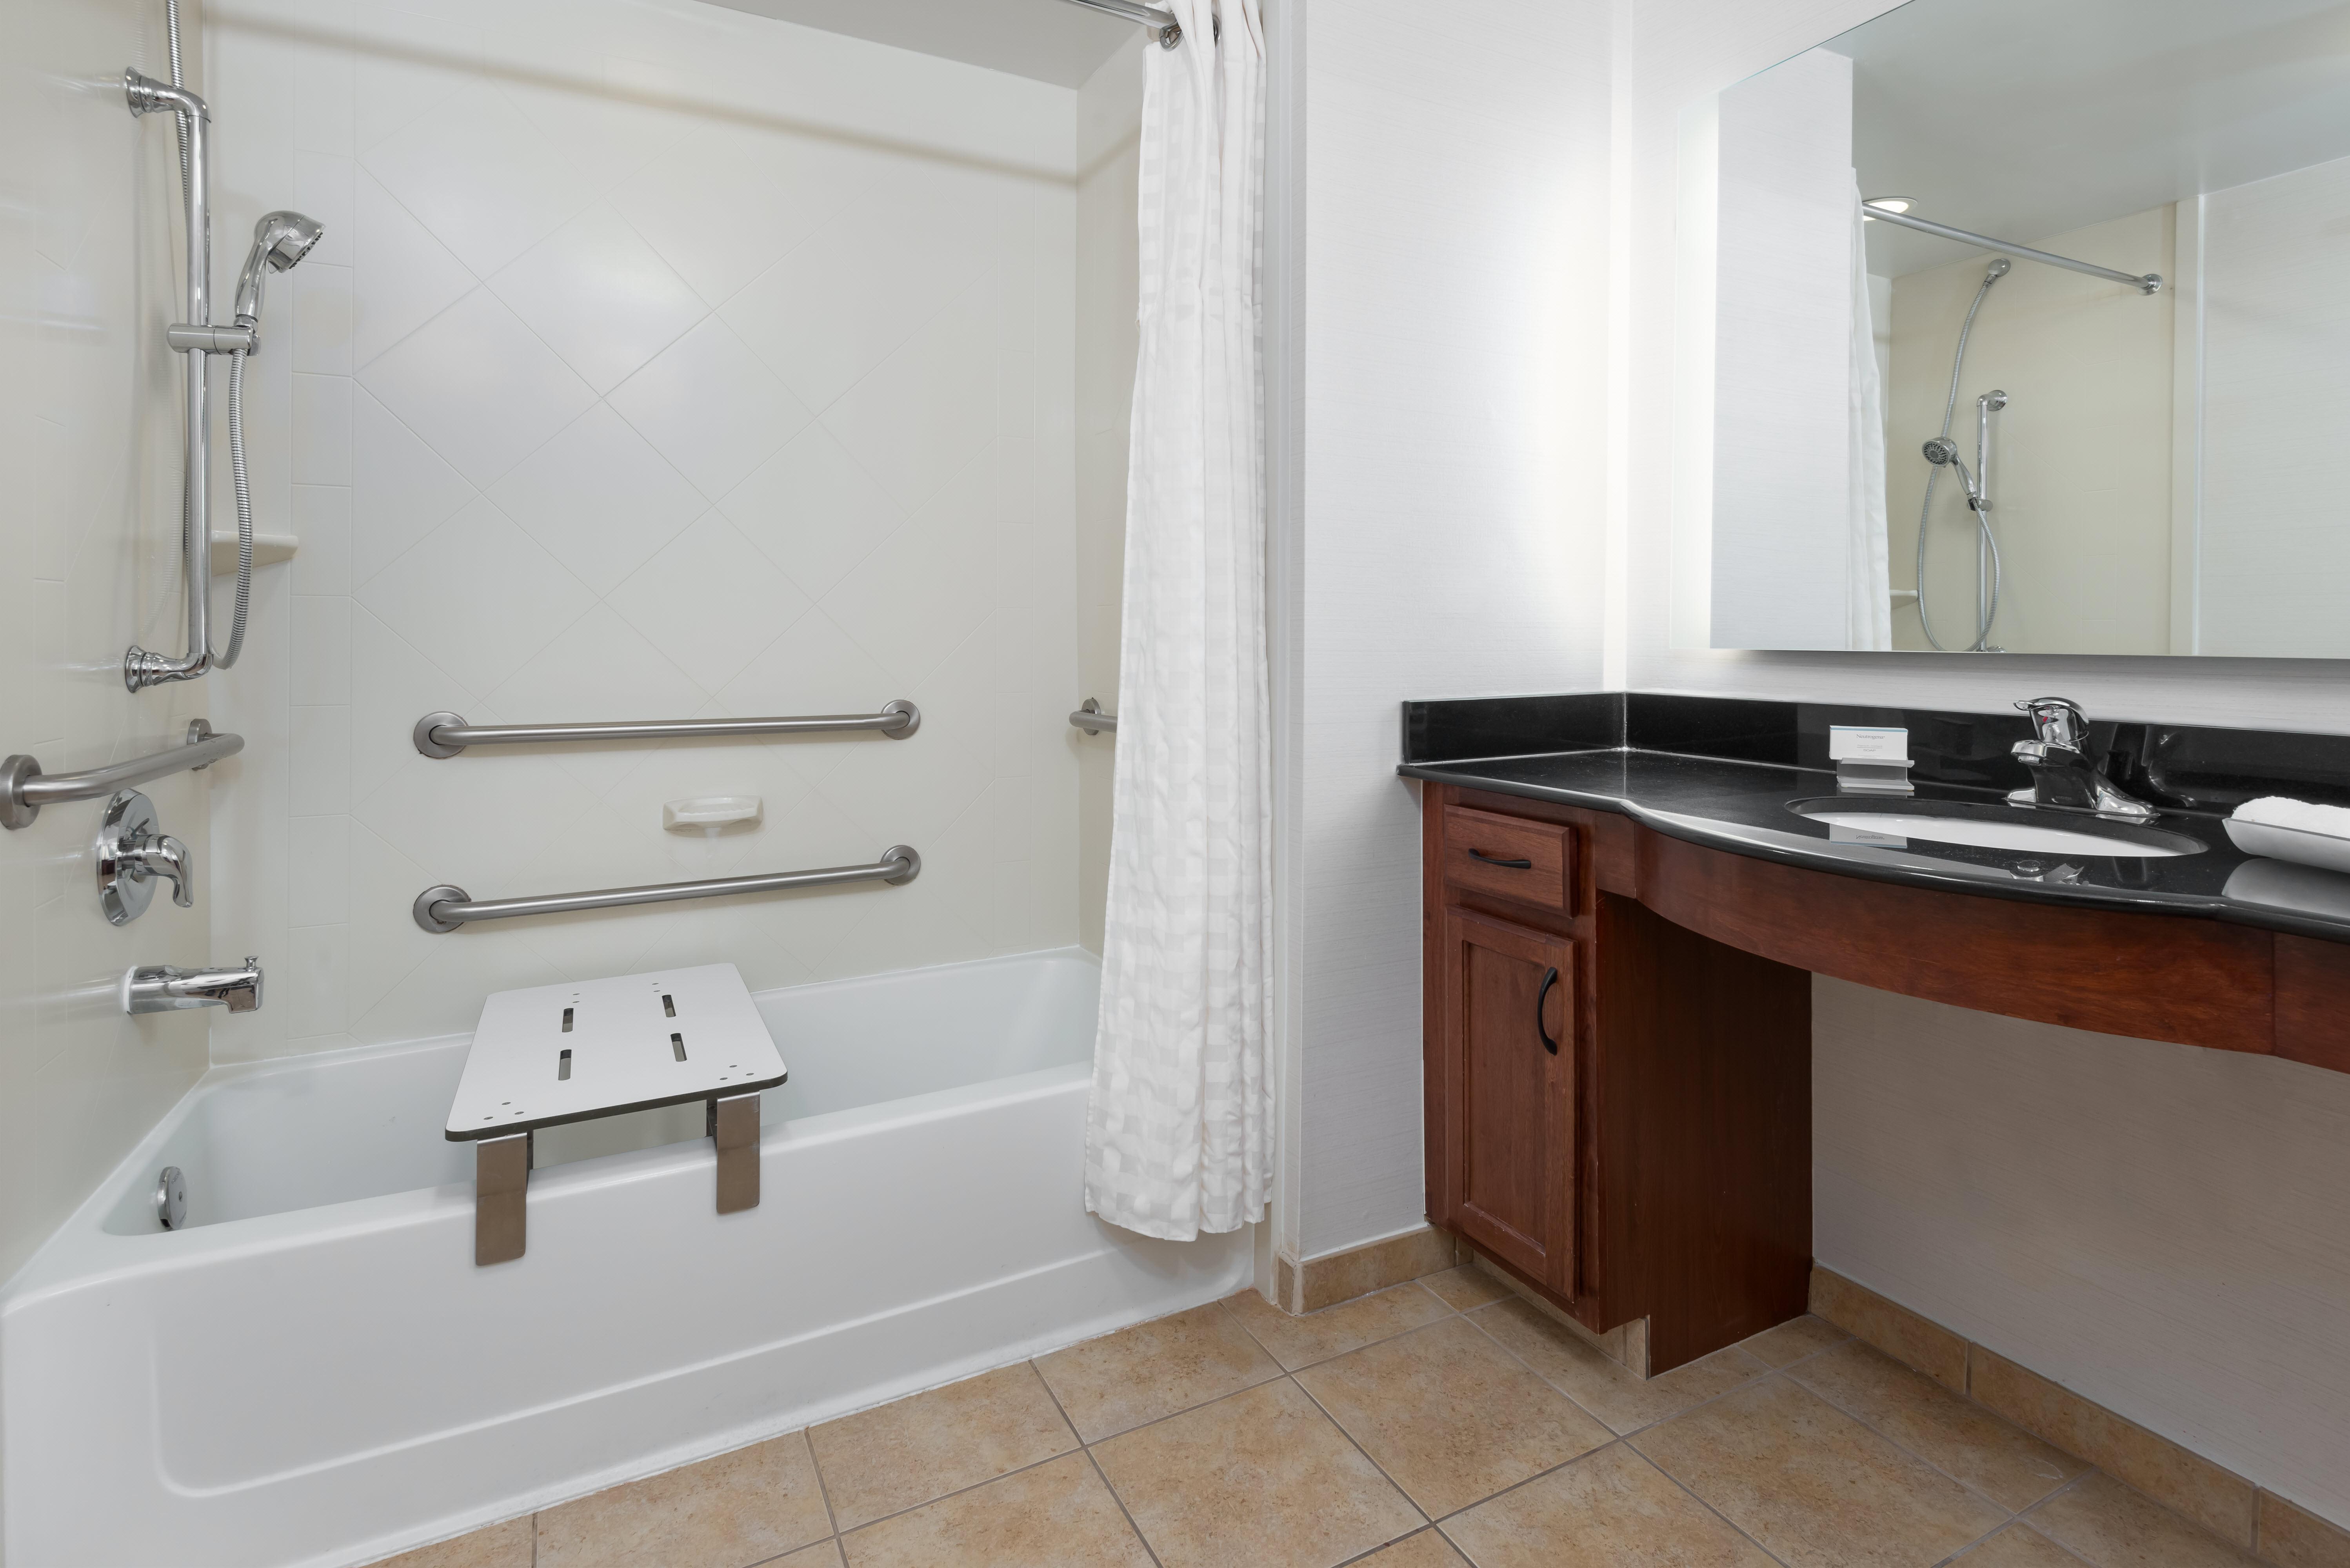 Homewood Suites by Hilton Cleveland-Beachwood image 13